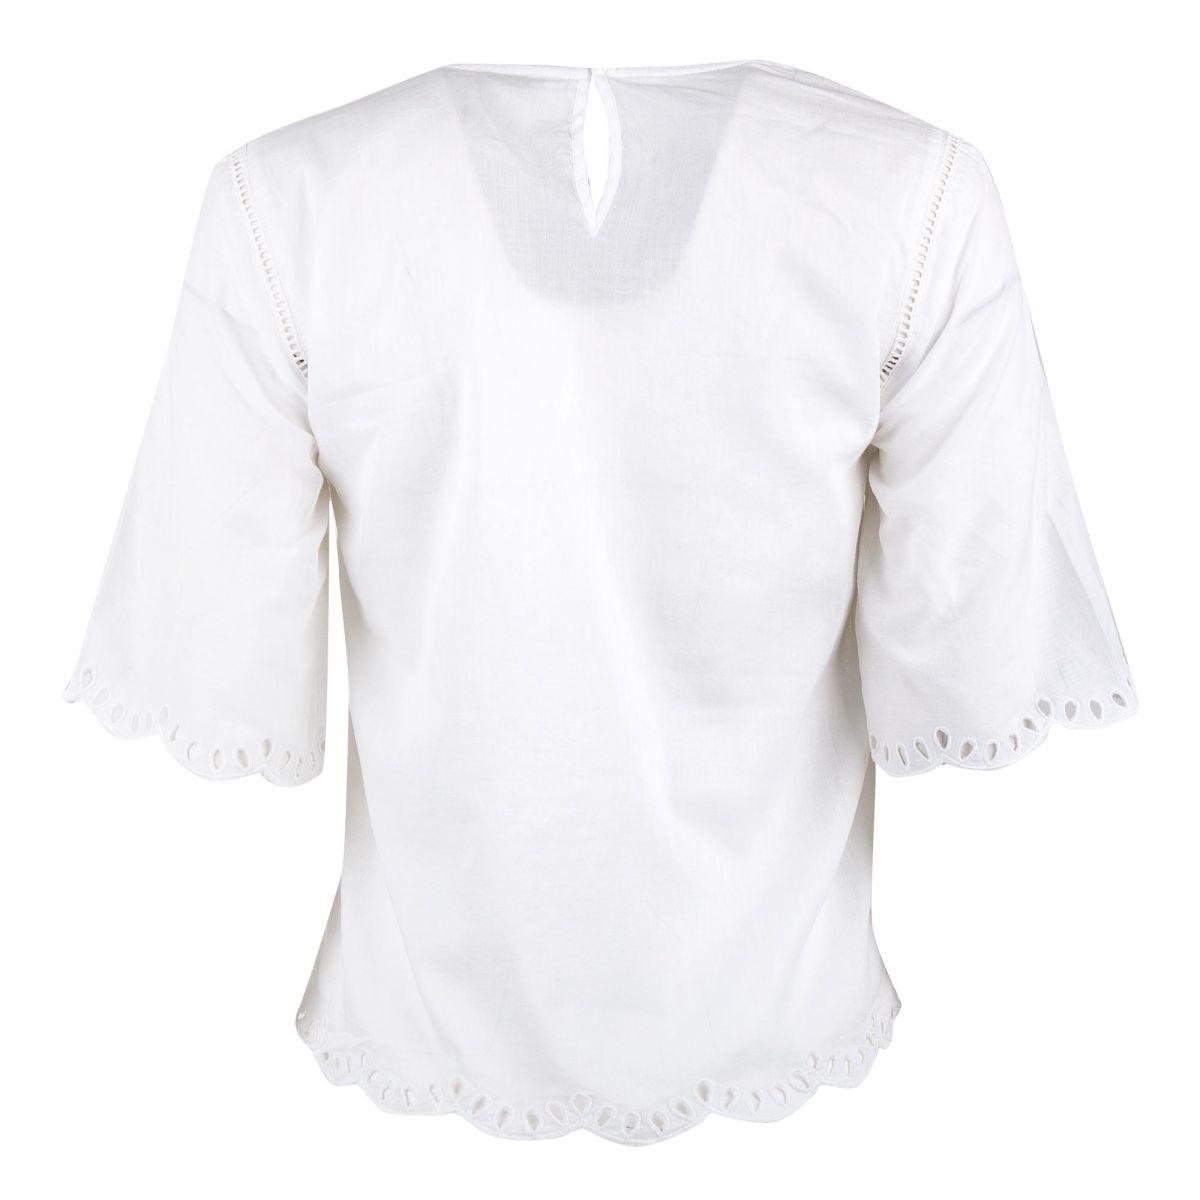 Haut blanc en broderie Femme DDP à prix dégriffé !